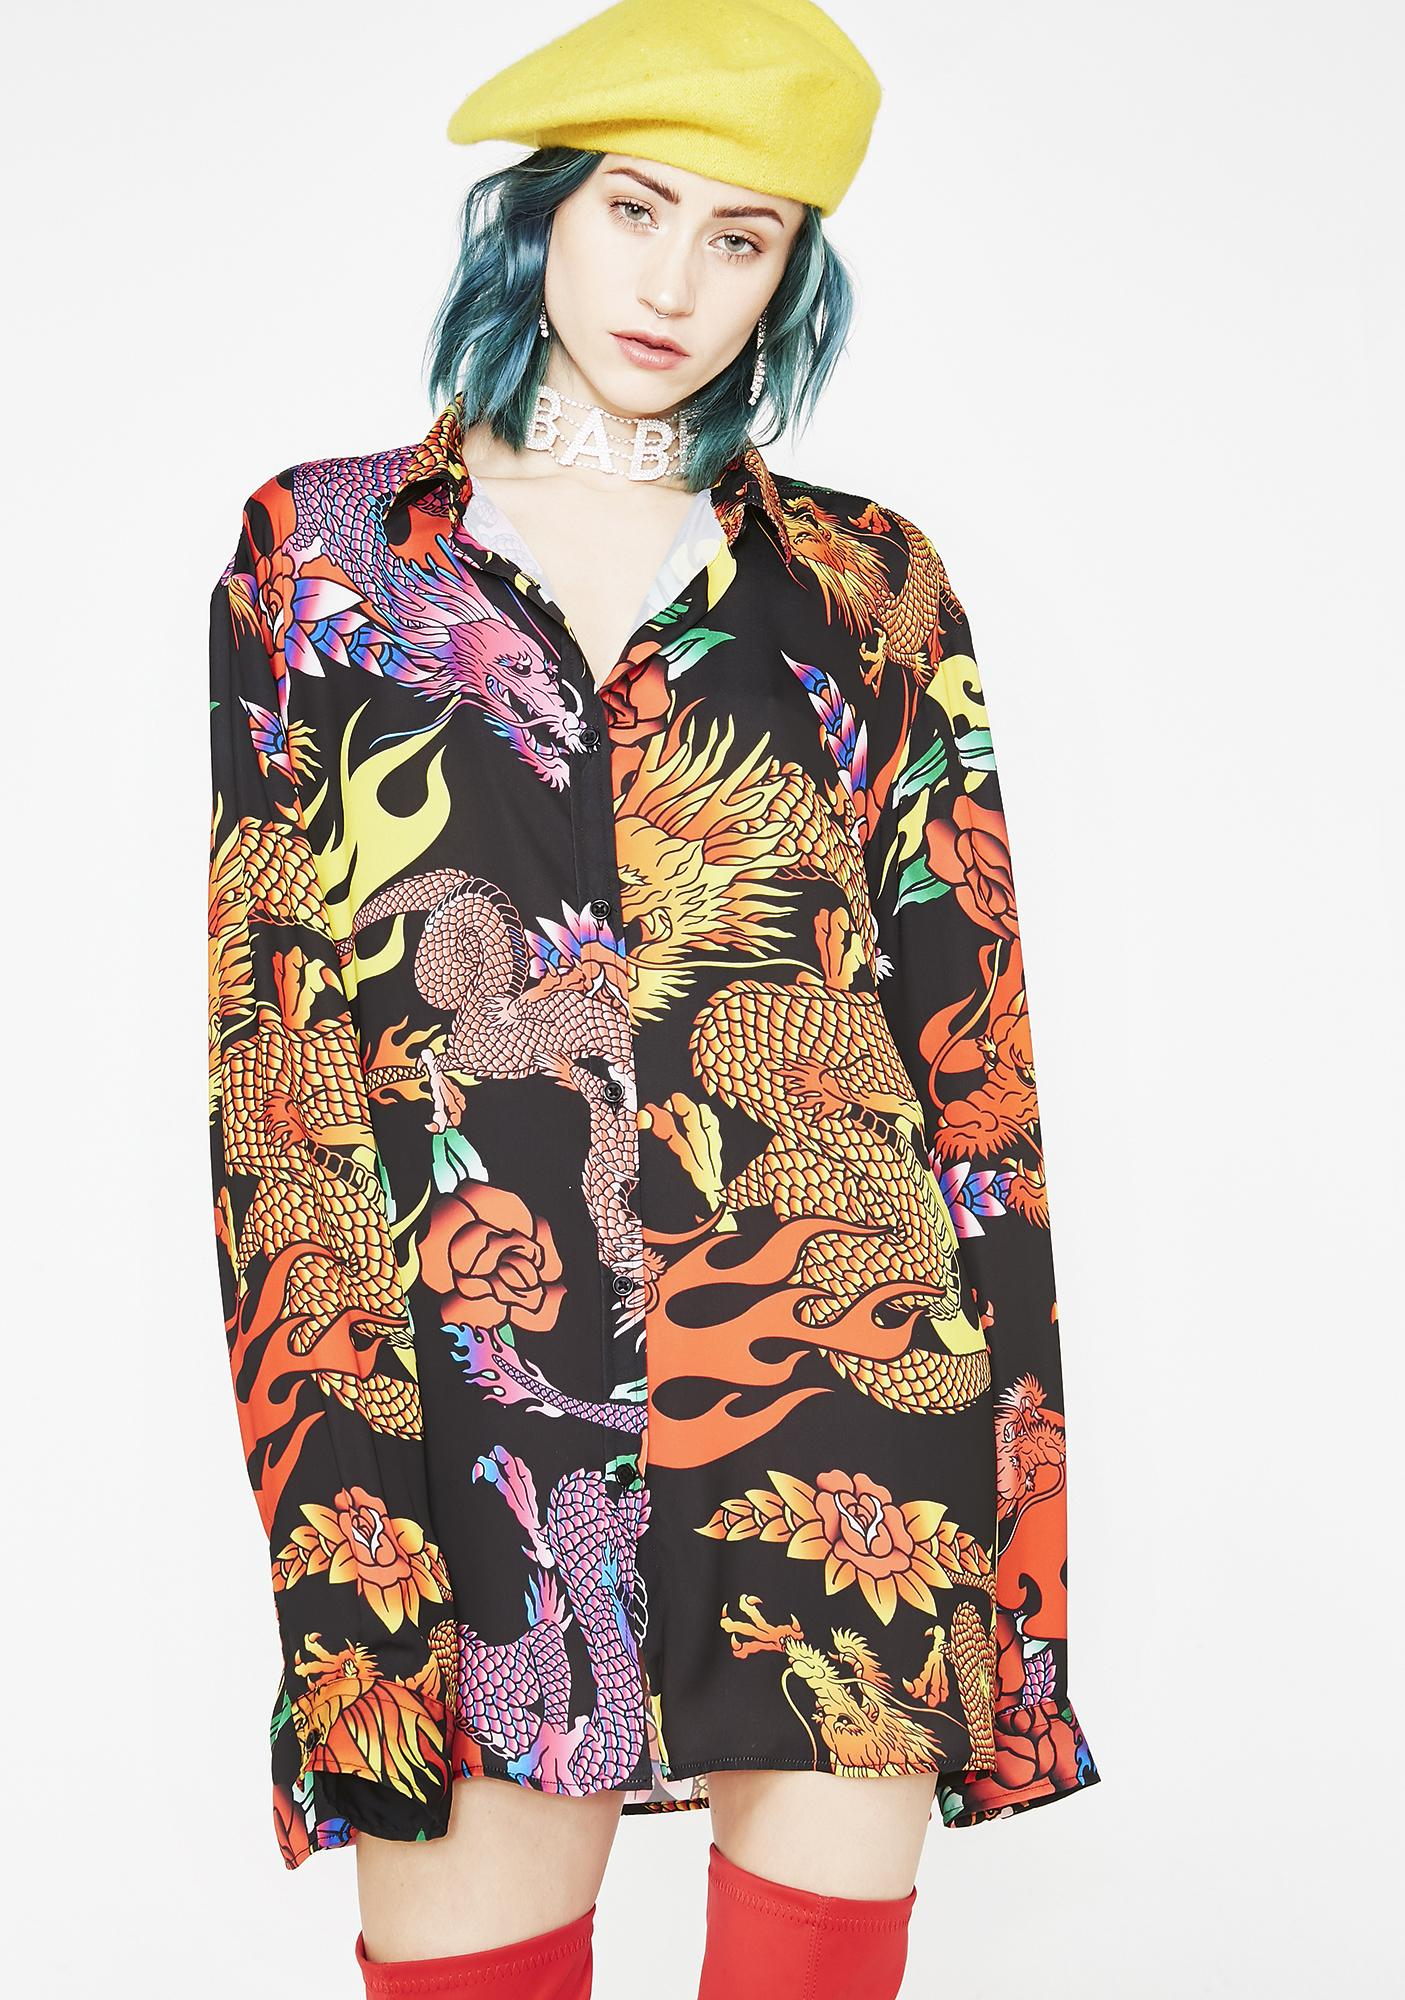 add36c2f8a2 Jaded London Dragon Print Oversized Shirt | Dolls Kill